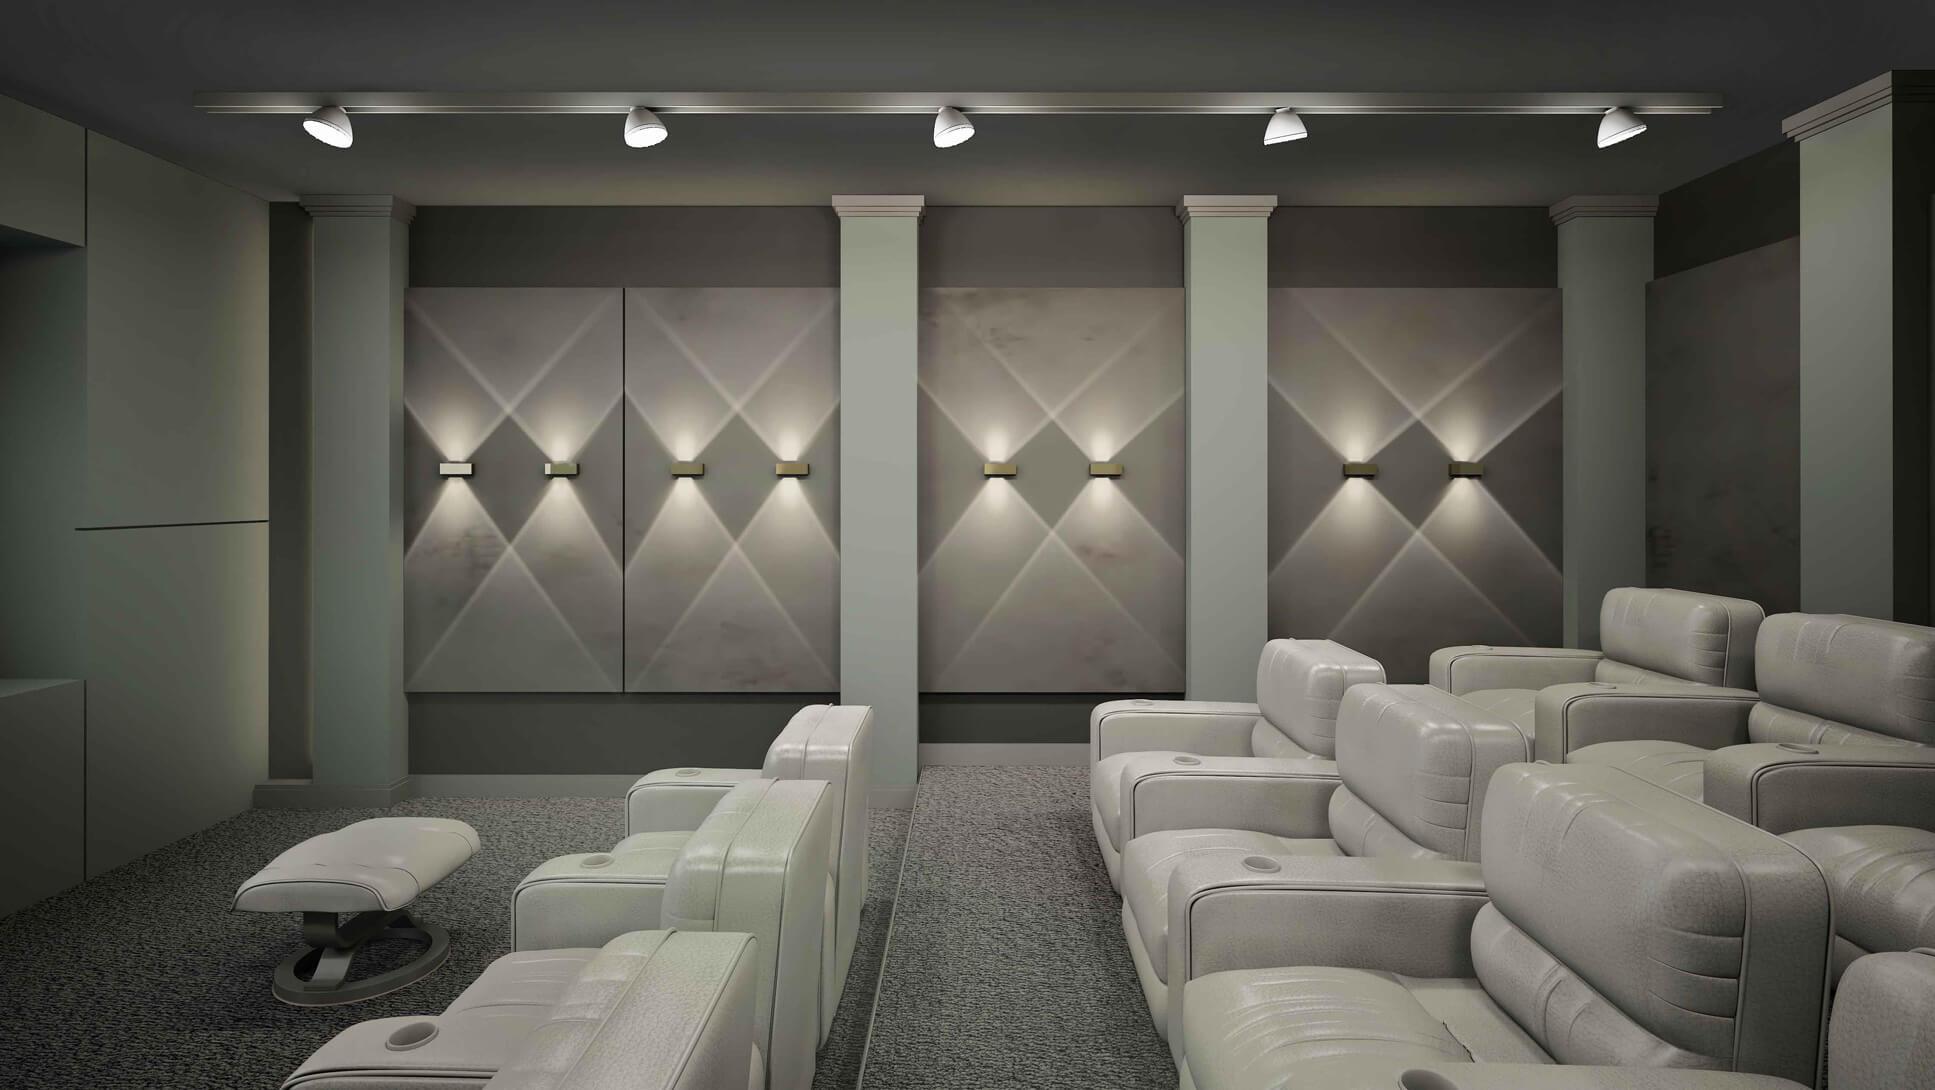 ساخت طرح های سینمای خانگی